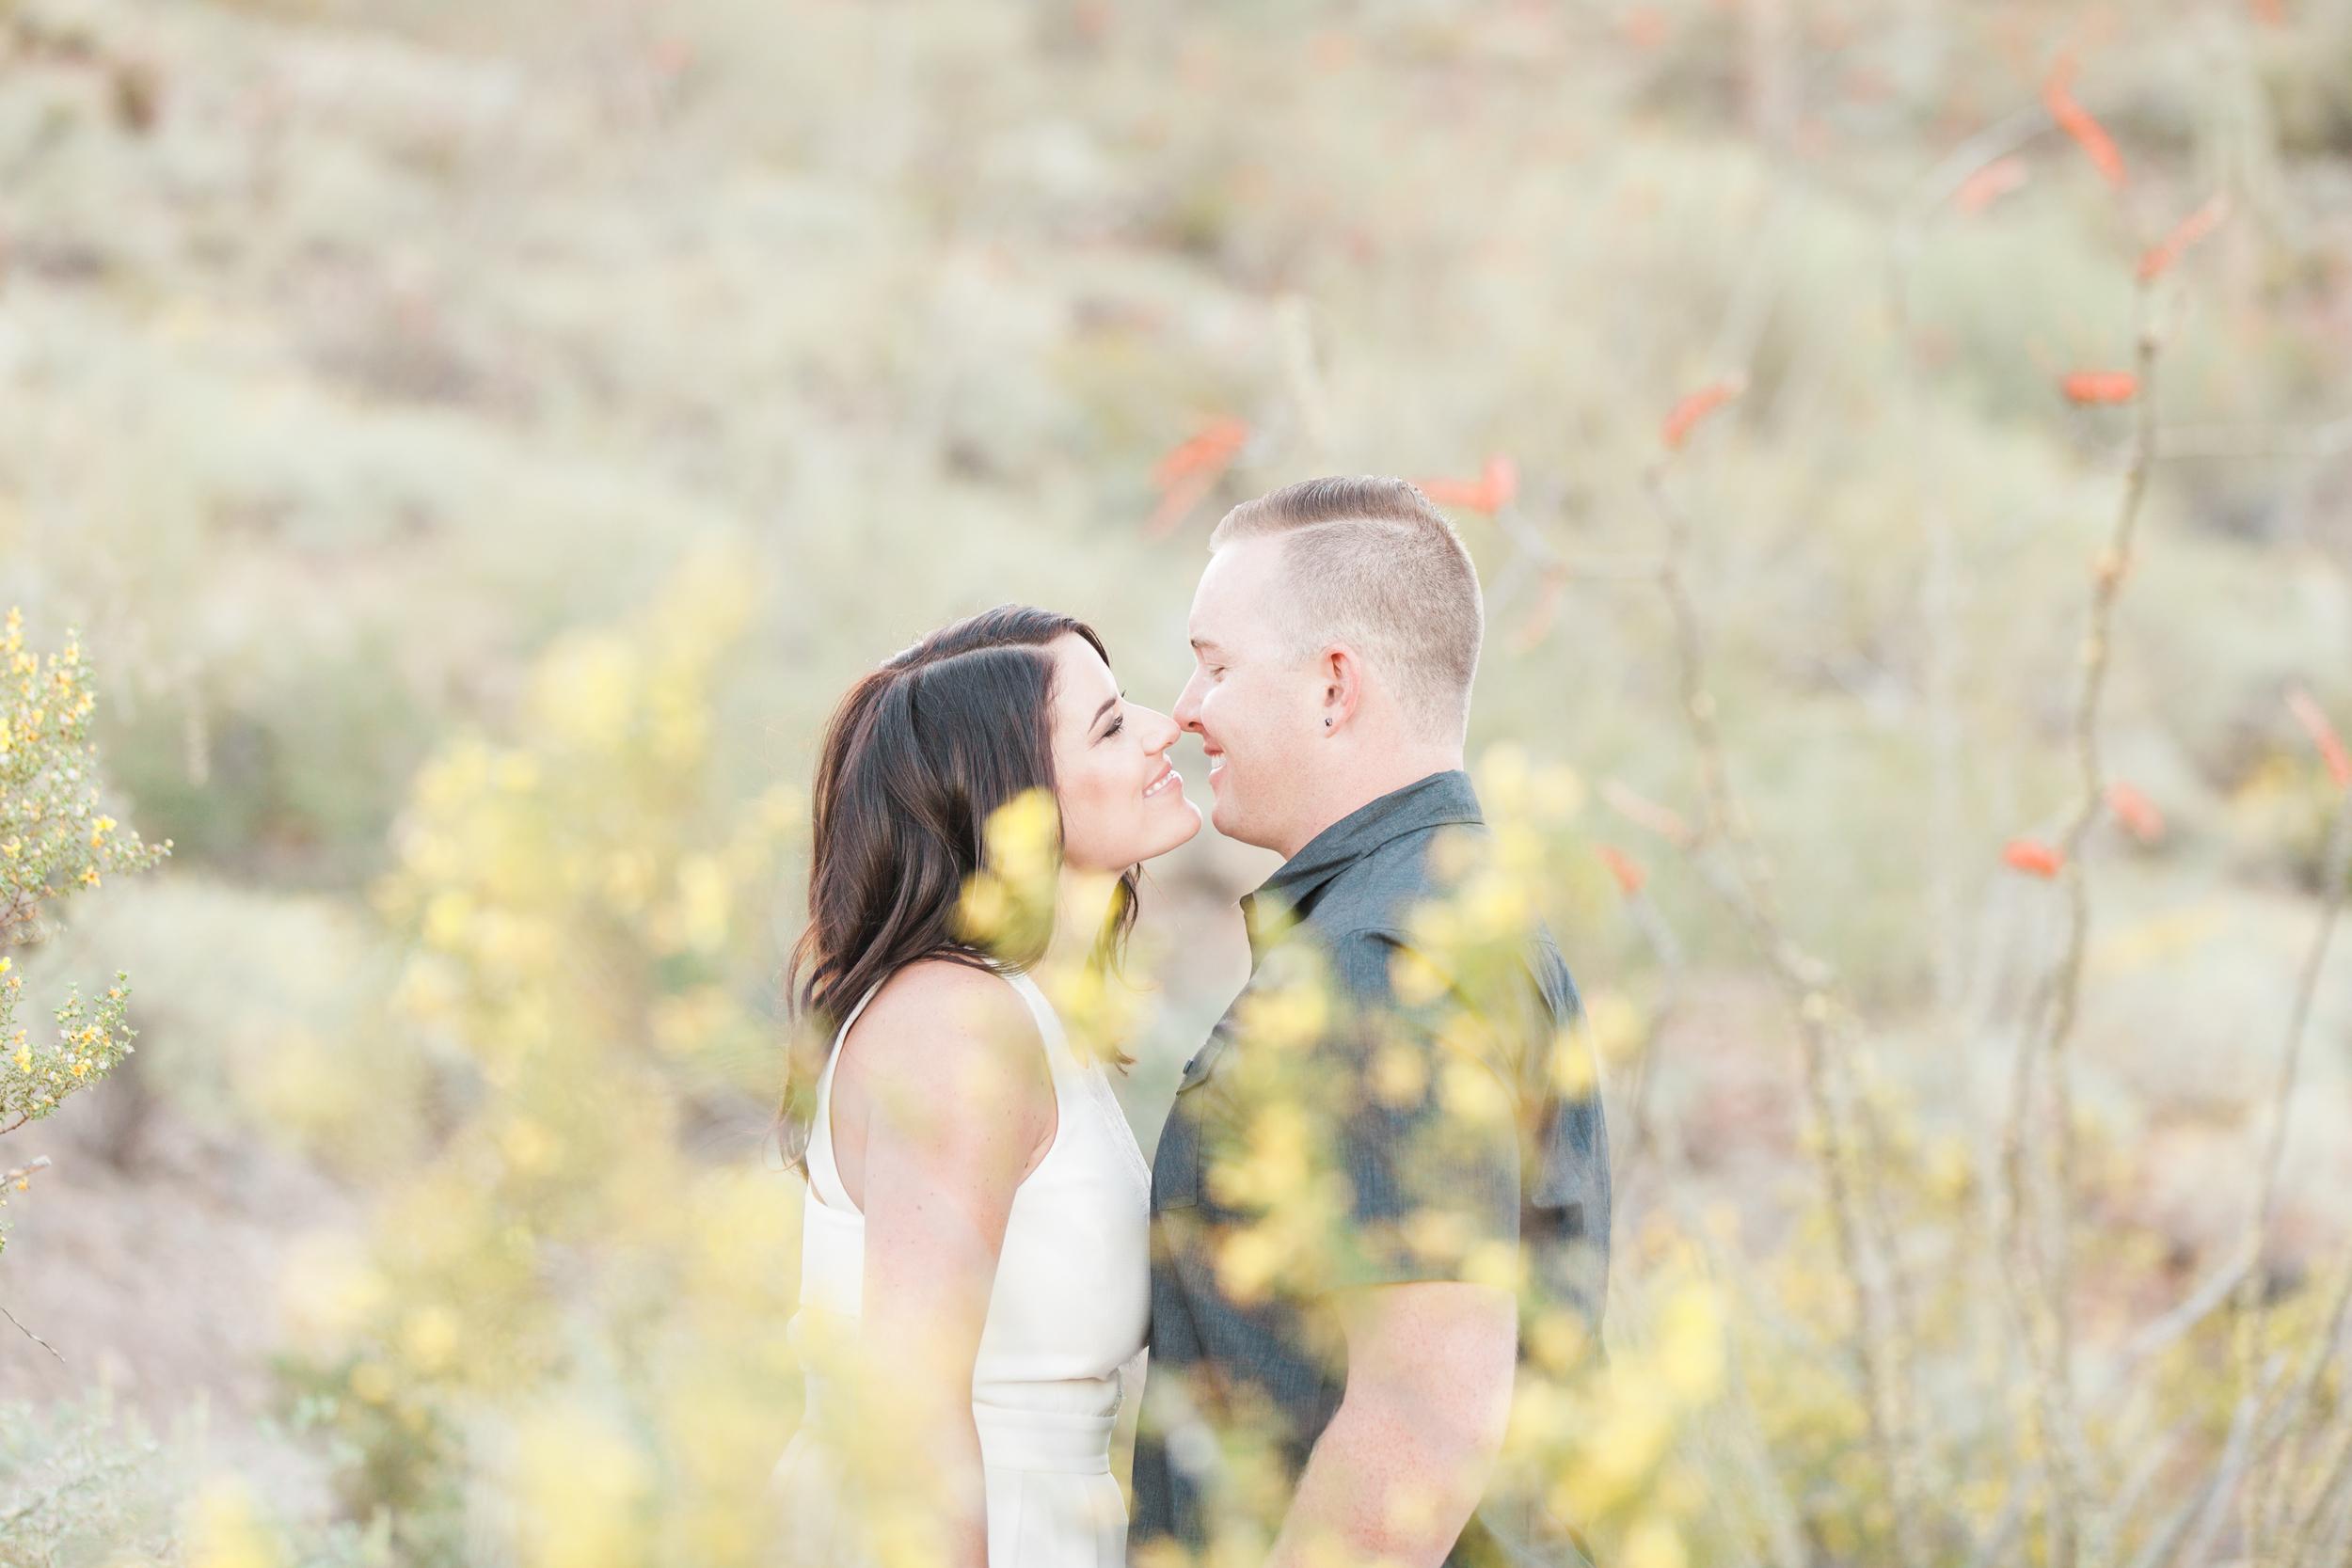 Betsy and John | Phoenix Wedding Photographers | See more at BetsyandJohn.com